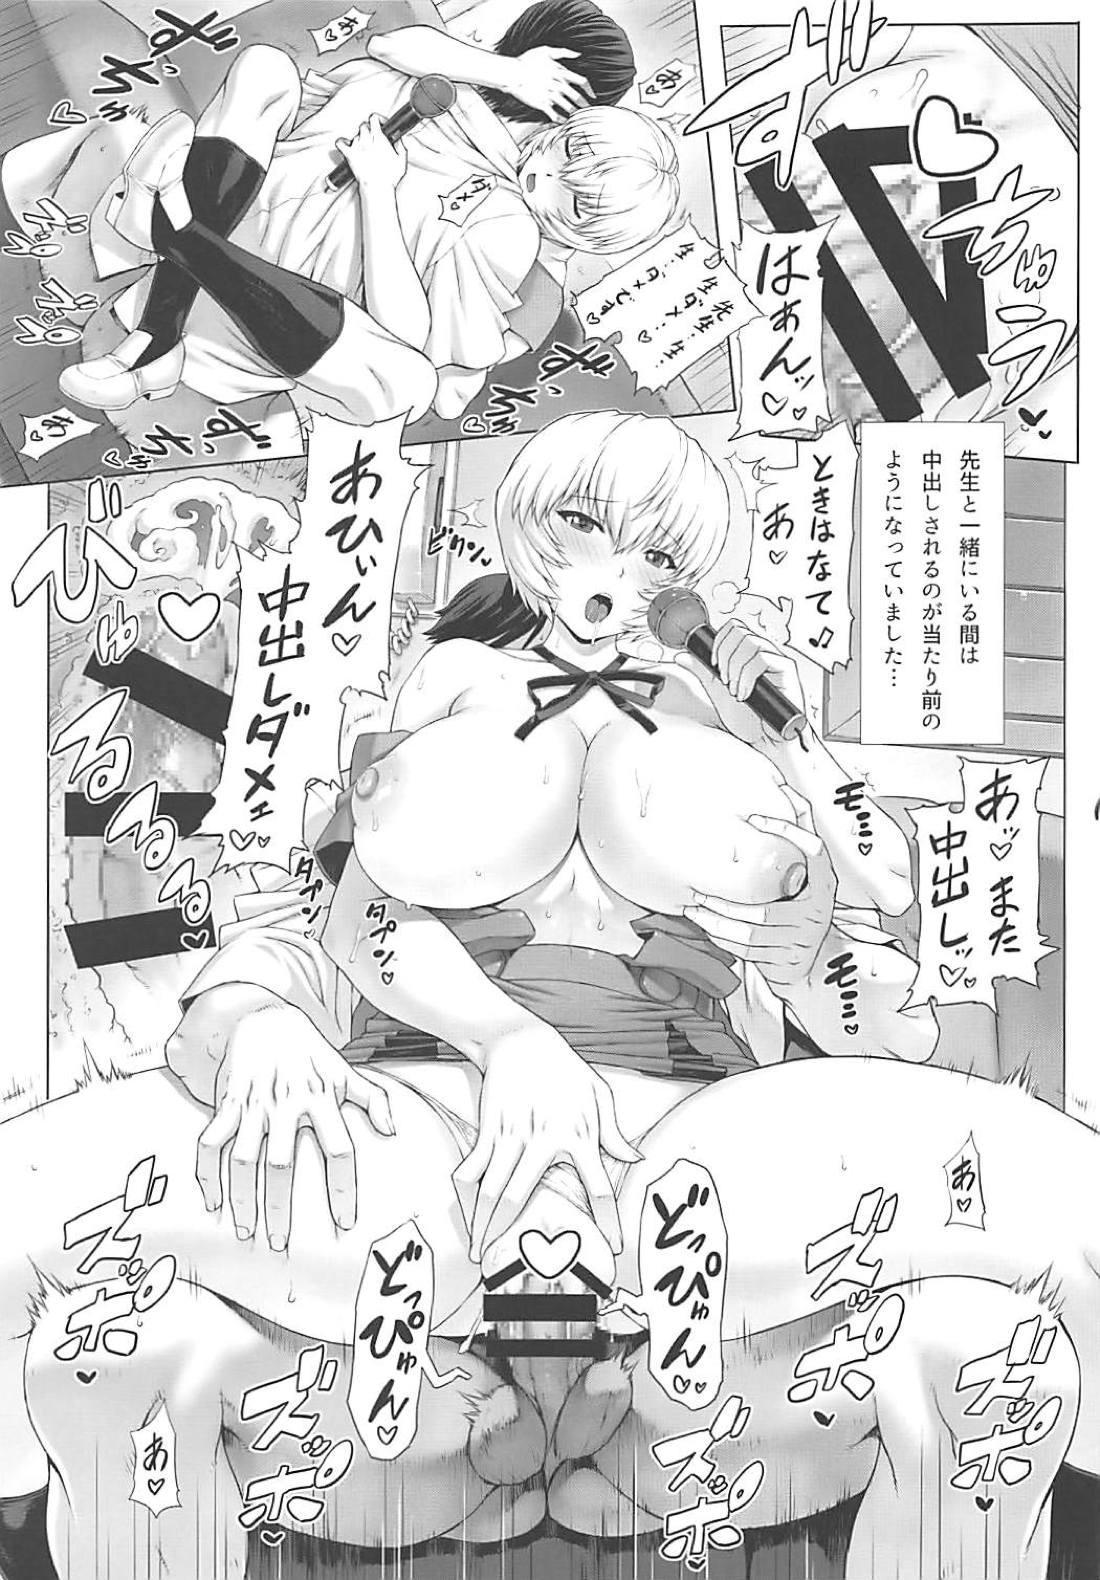 Ayanami Dai 9-kai Ayanami Nikki 9